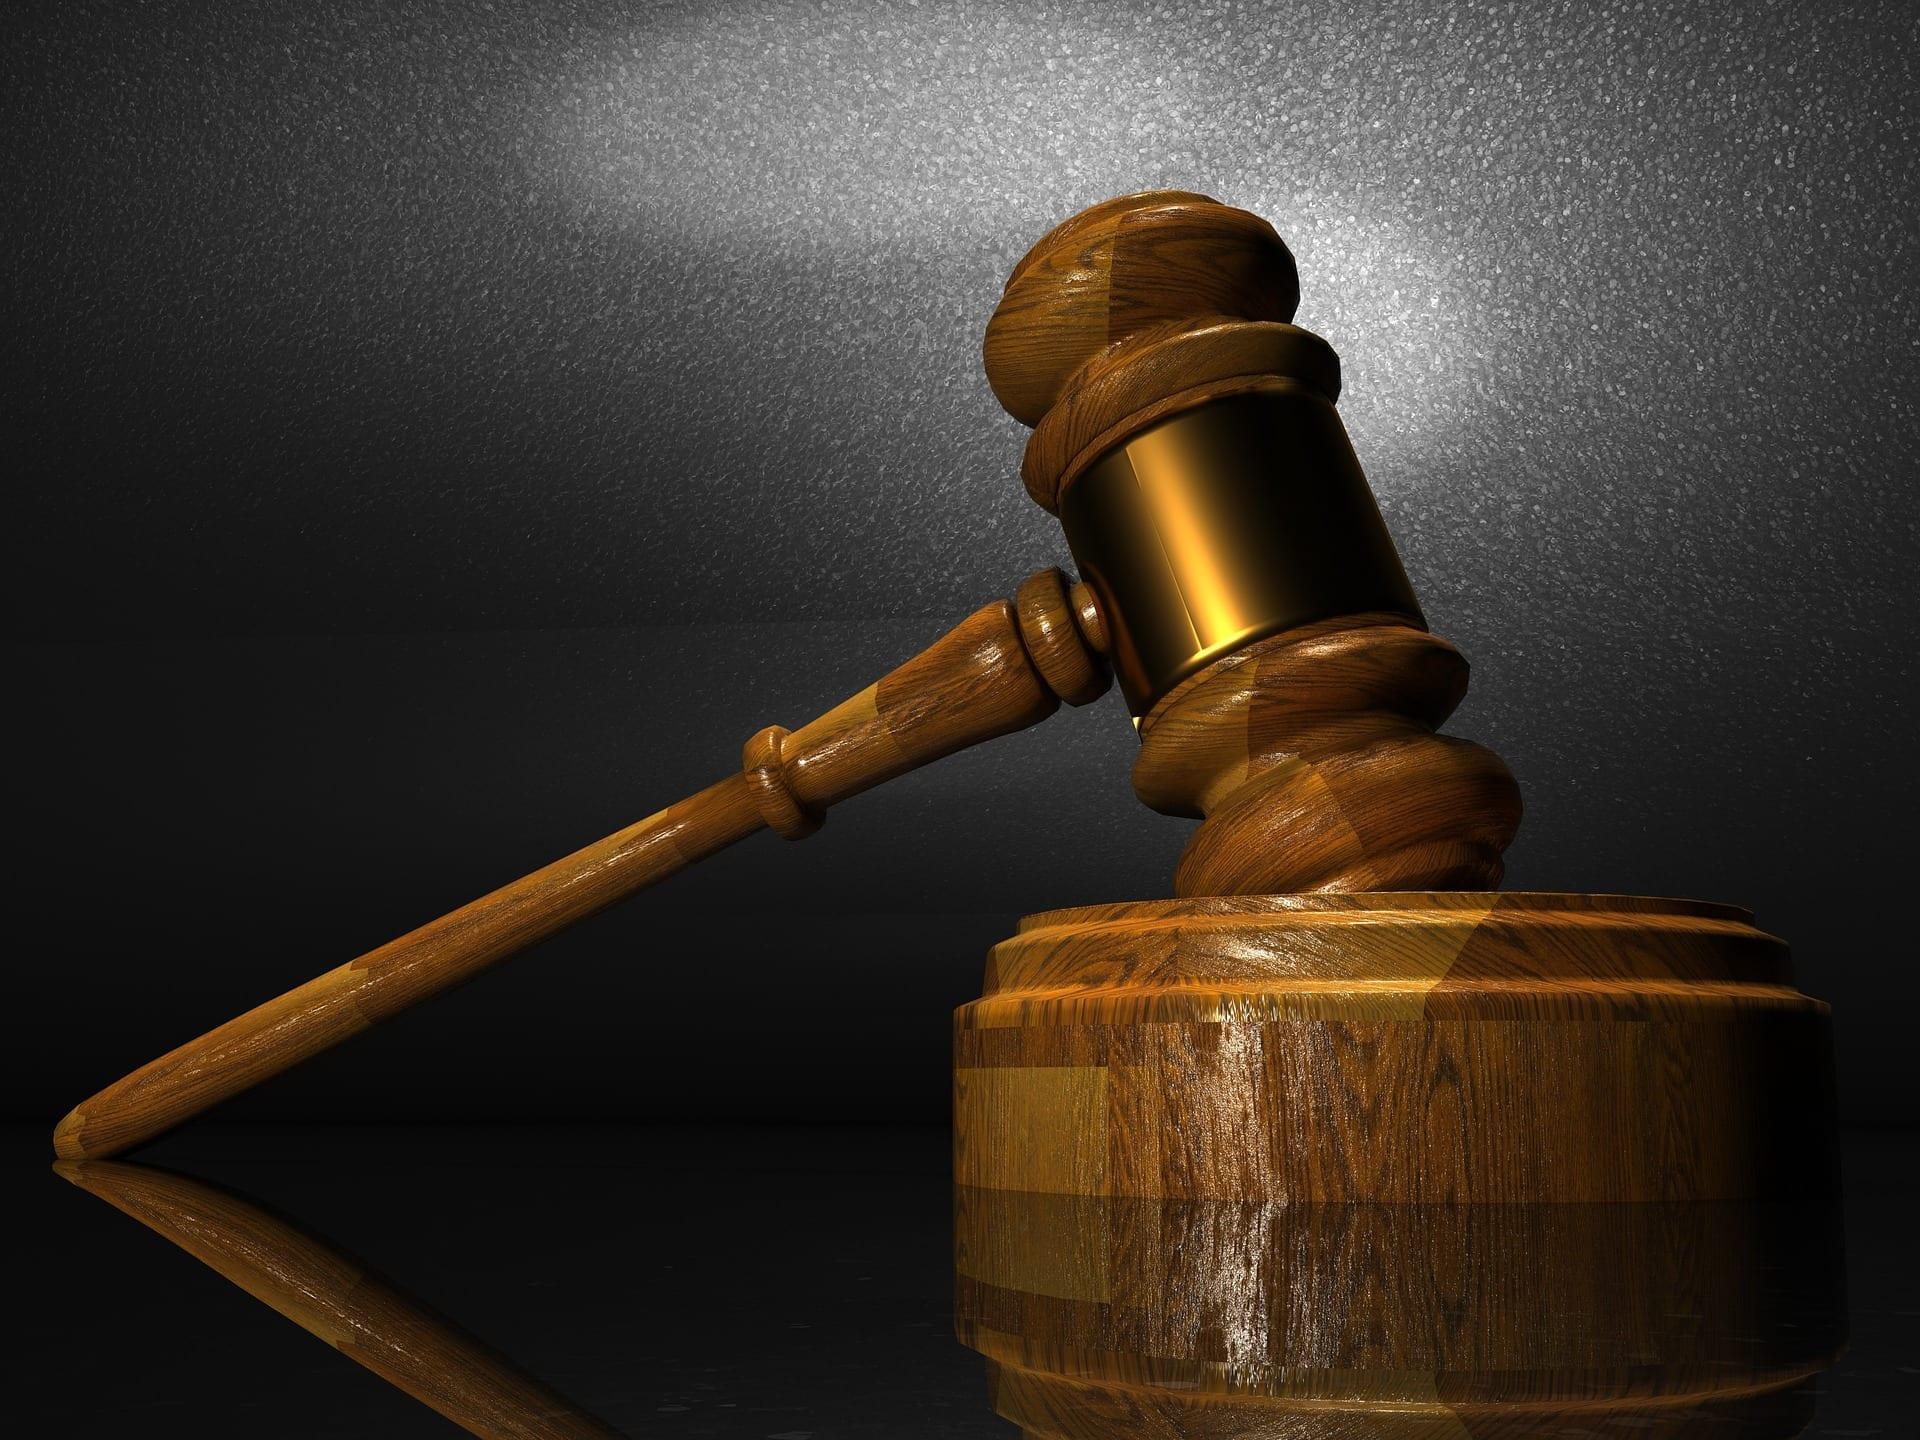 law 1063249 1920 - Ist der Abschluss einer Rechtsschutzversicherung sinnvoll?